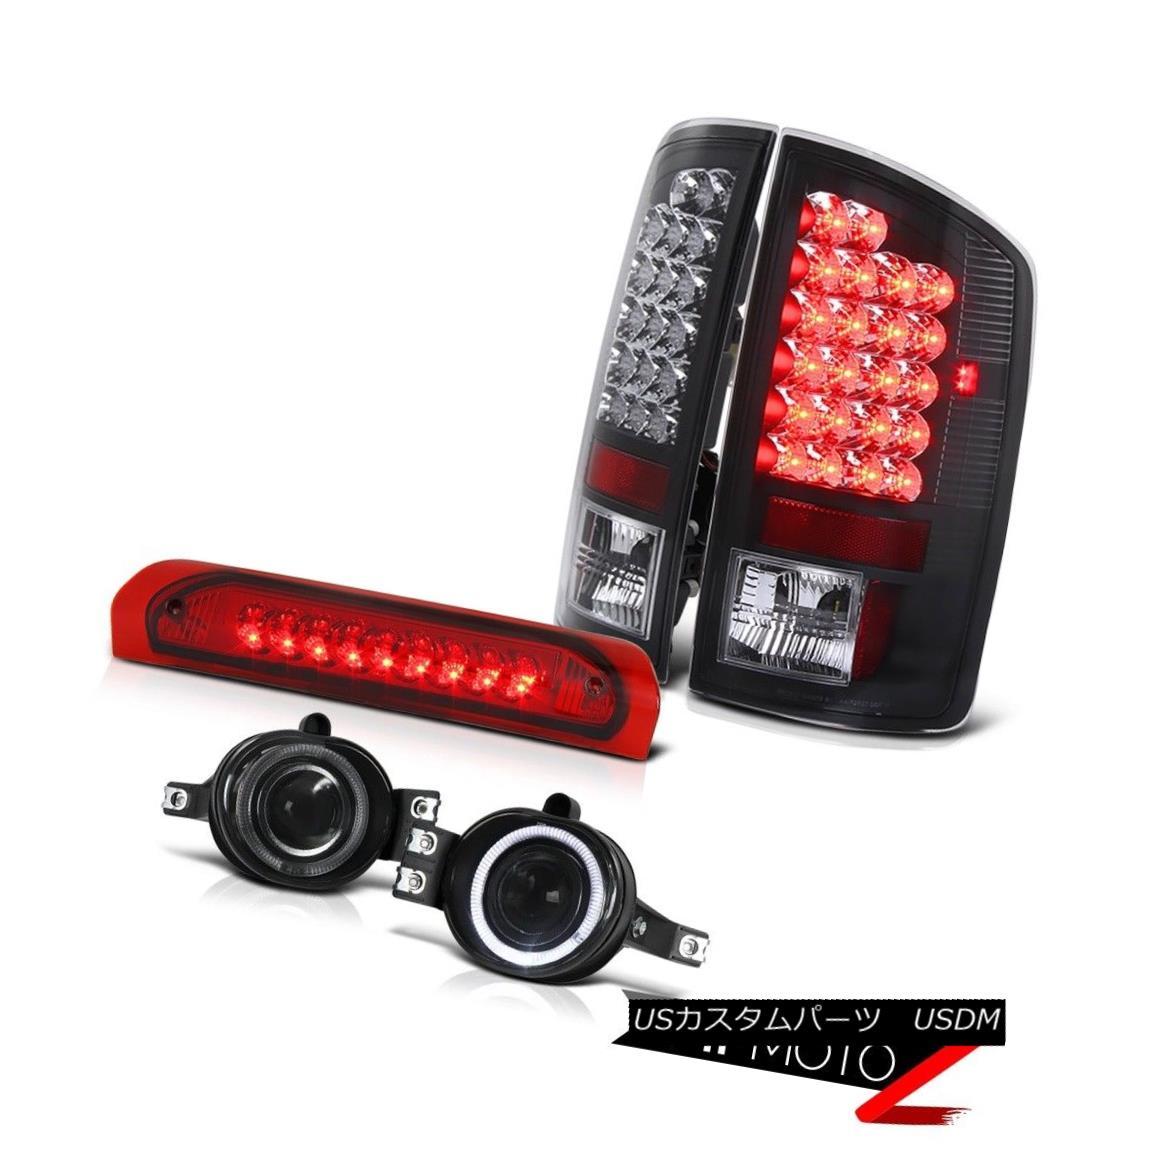 テールライト Black LED Taillamp+3rd Brake+Smoke Halo Projector Fog Lamp Dodge RAM 02-06 1500 ブラックLEDタイルランプ+ 3番ブレーキ+スモークハロープロジェクターフォグランプダッジRAM 02-06 1500